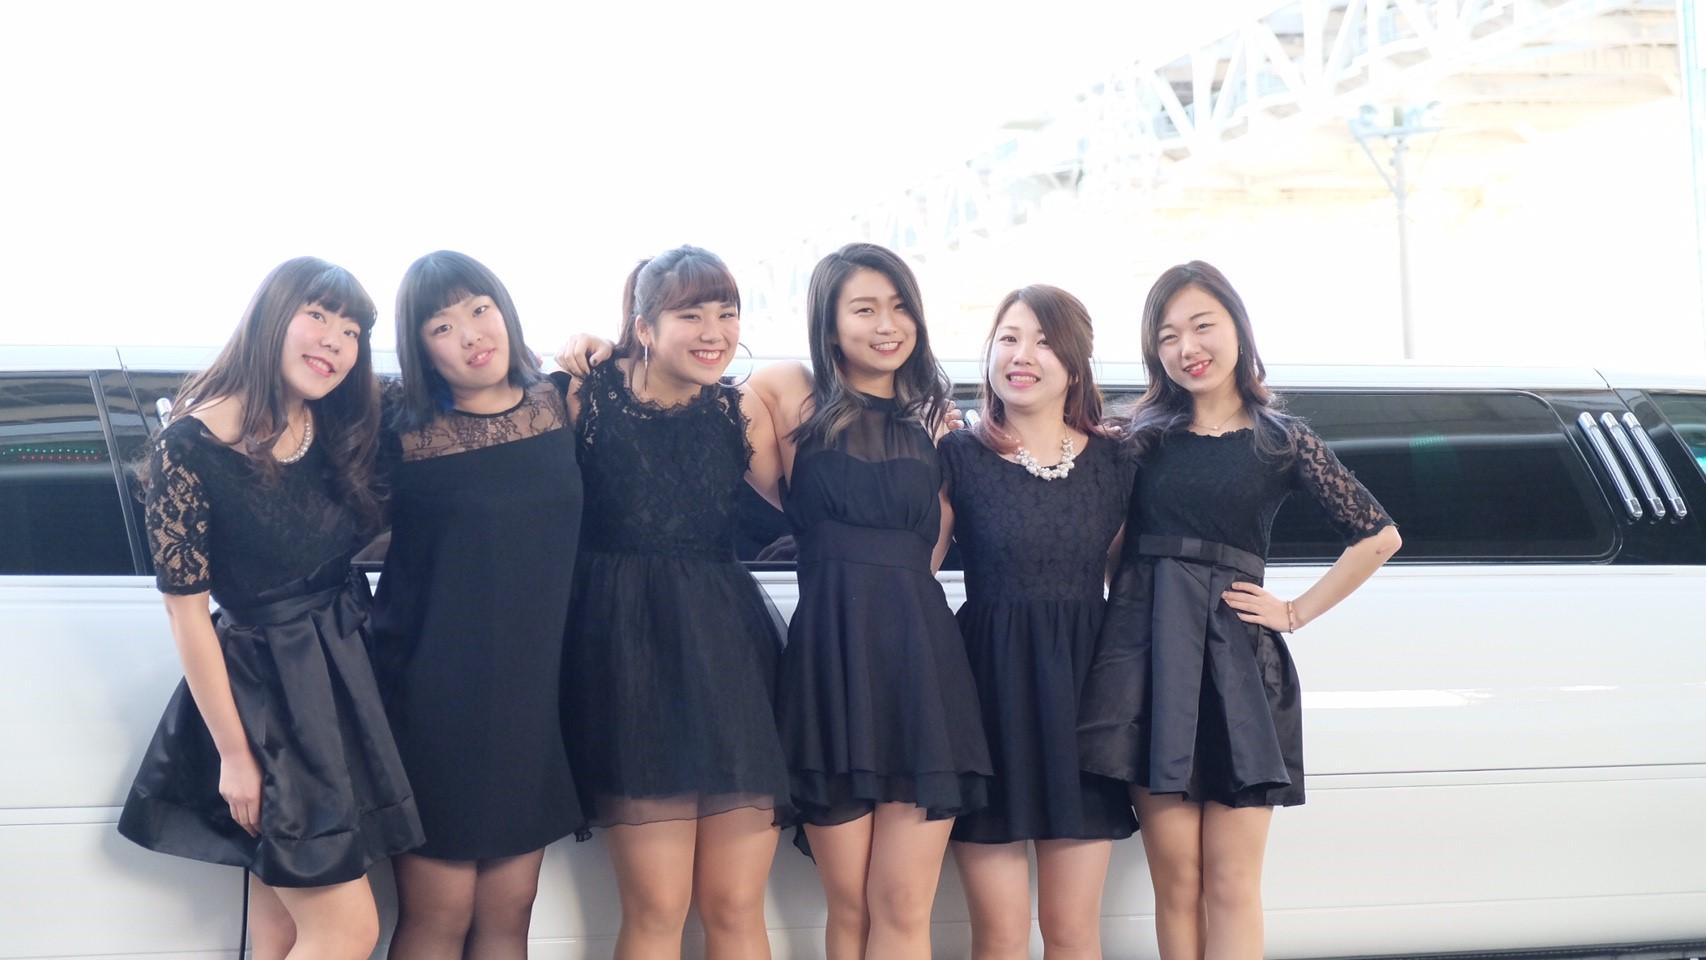 リムジンパーティー女子会撮影でドレスコードはブラック